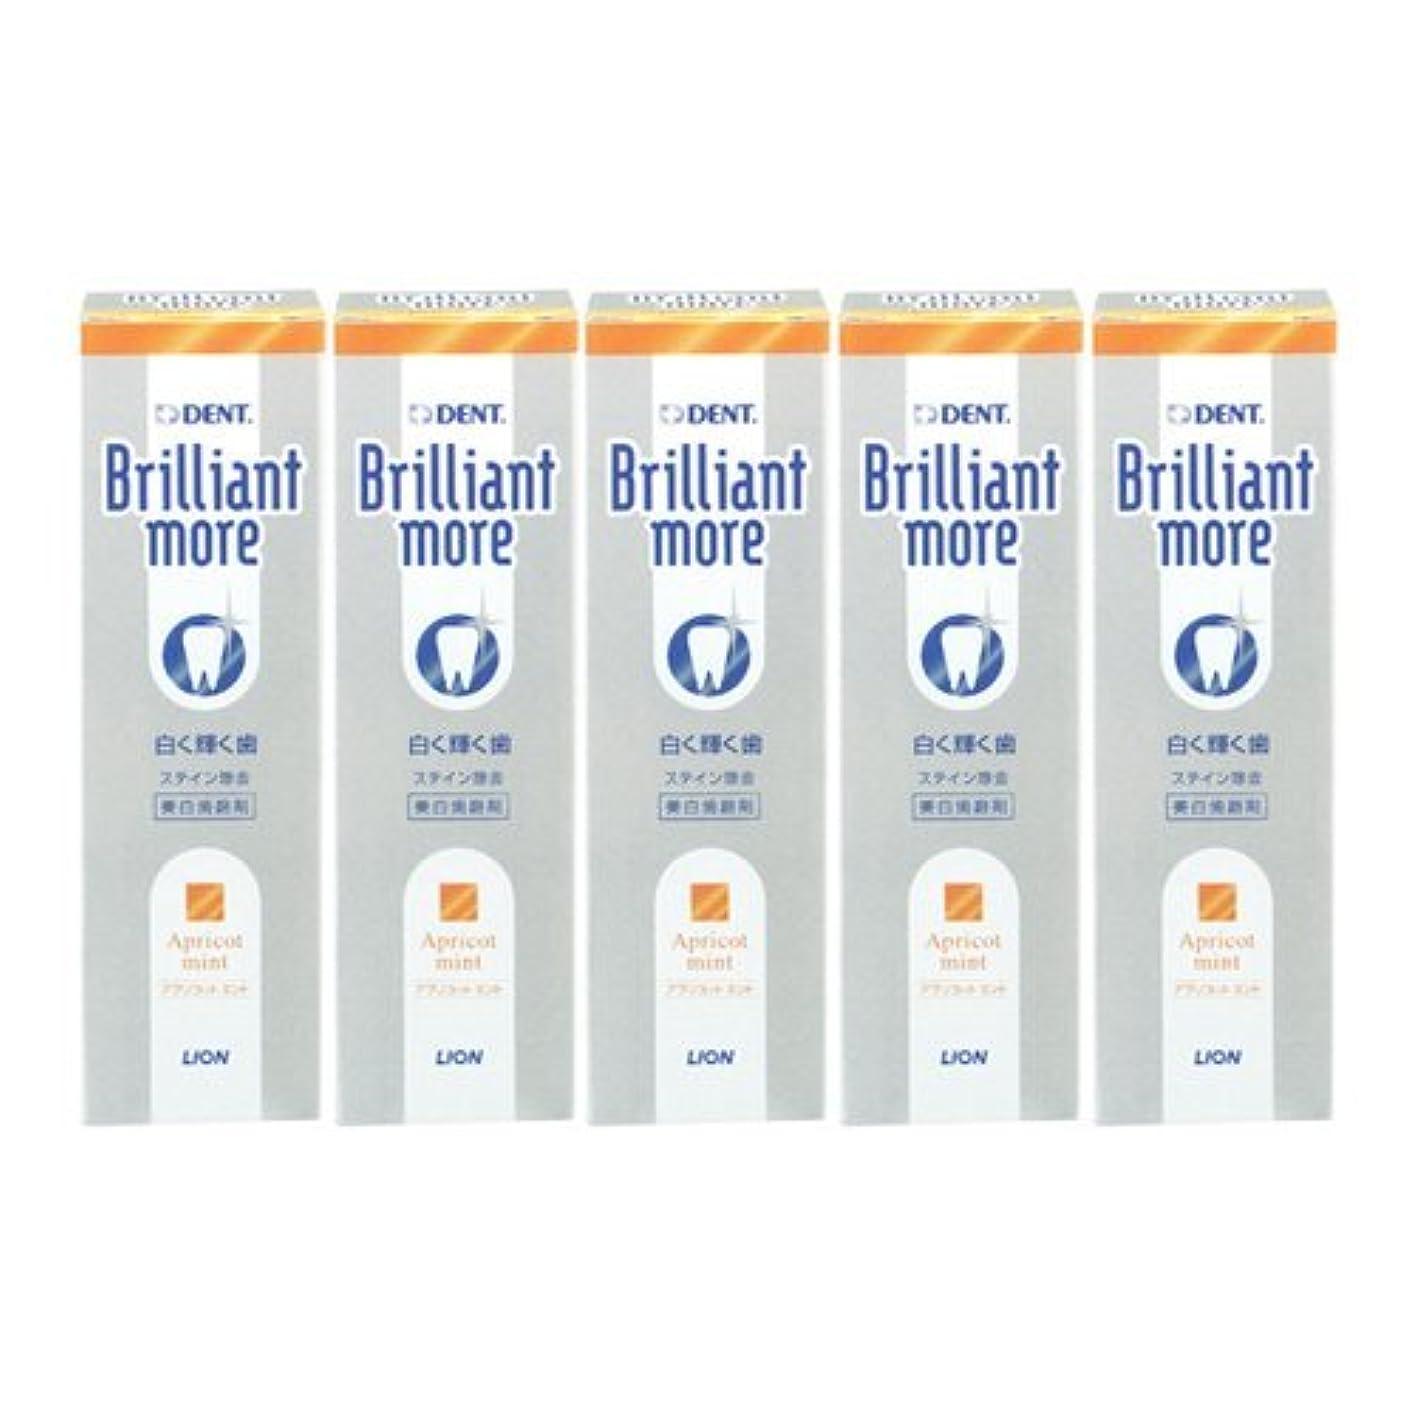 血まみれ精査内向きライオン ブリリアントモア アプリコットミント 美白歯磨剤 LION Brilliant more 5本セット